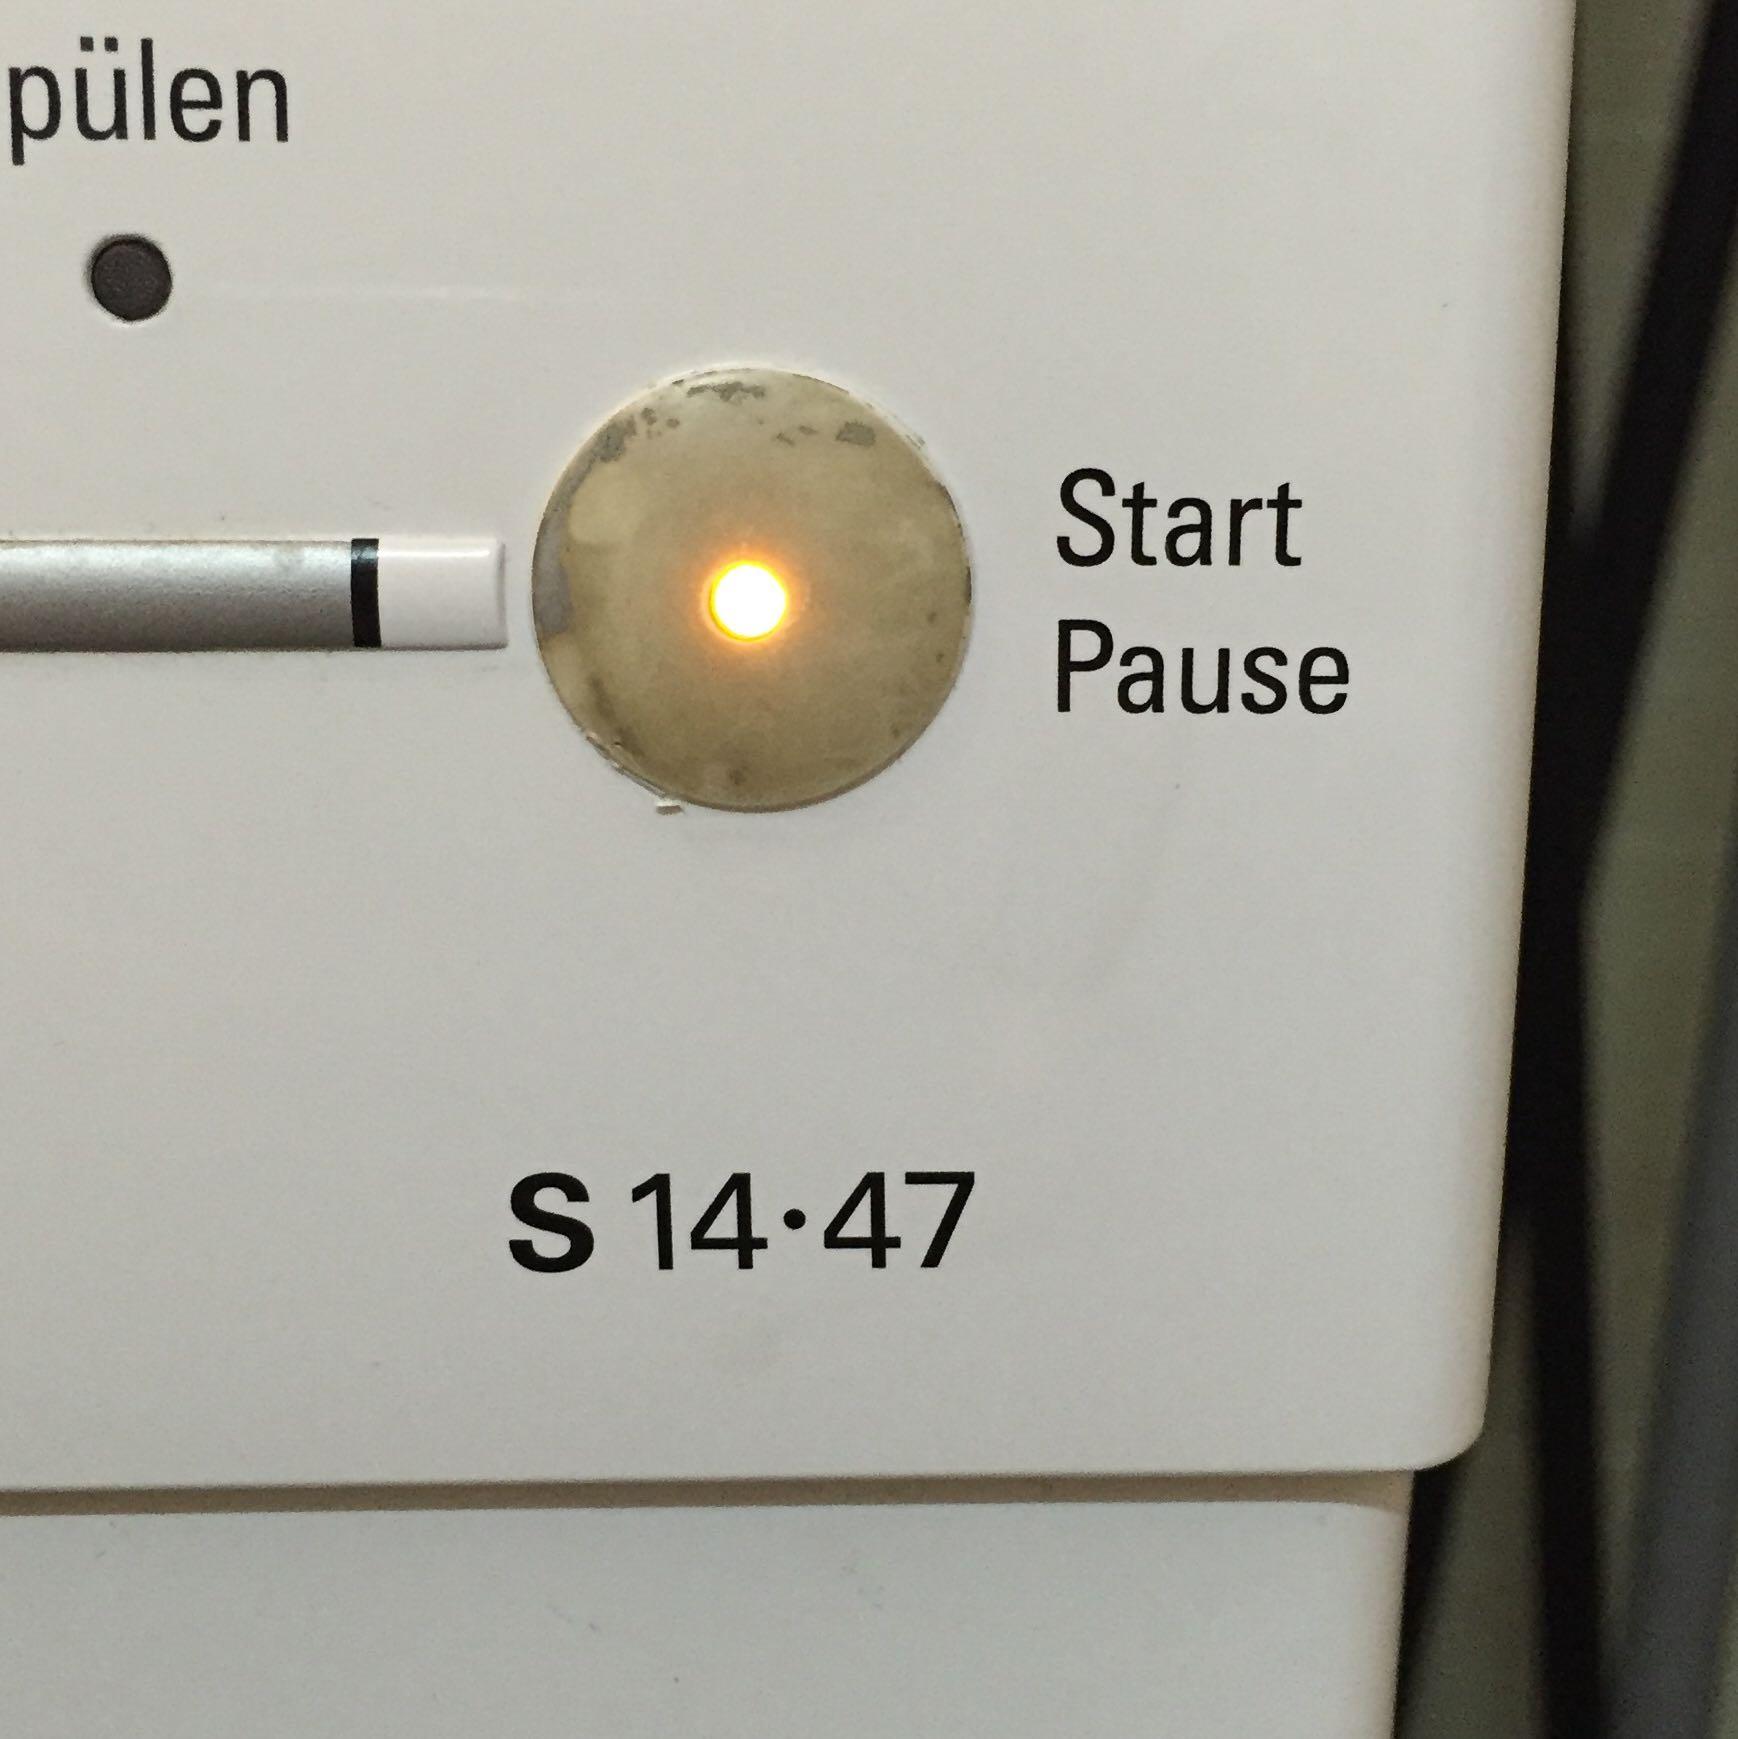 waschmaschine siemens s 14 47 bezeichnung start pause knopf touch ersatzteile schalter. Black Bedroom Furniture Sets. Home Design Ideas